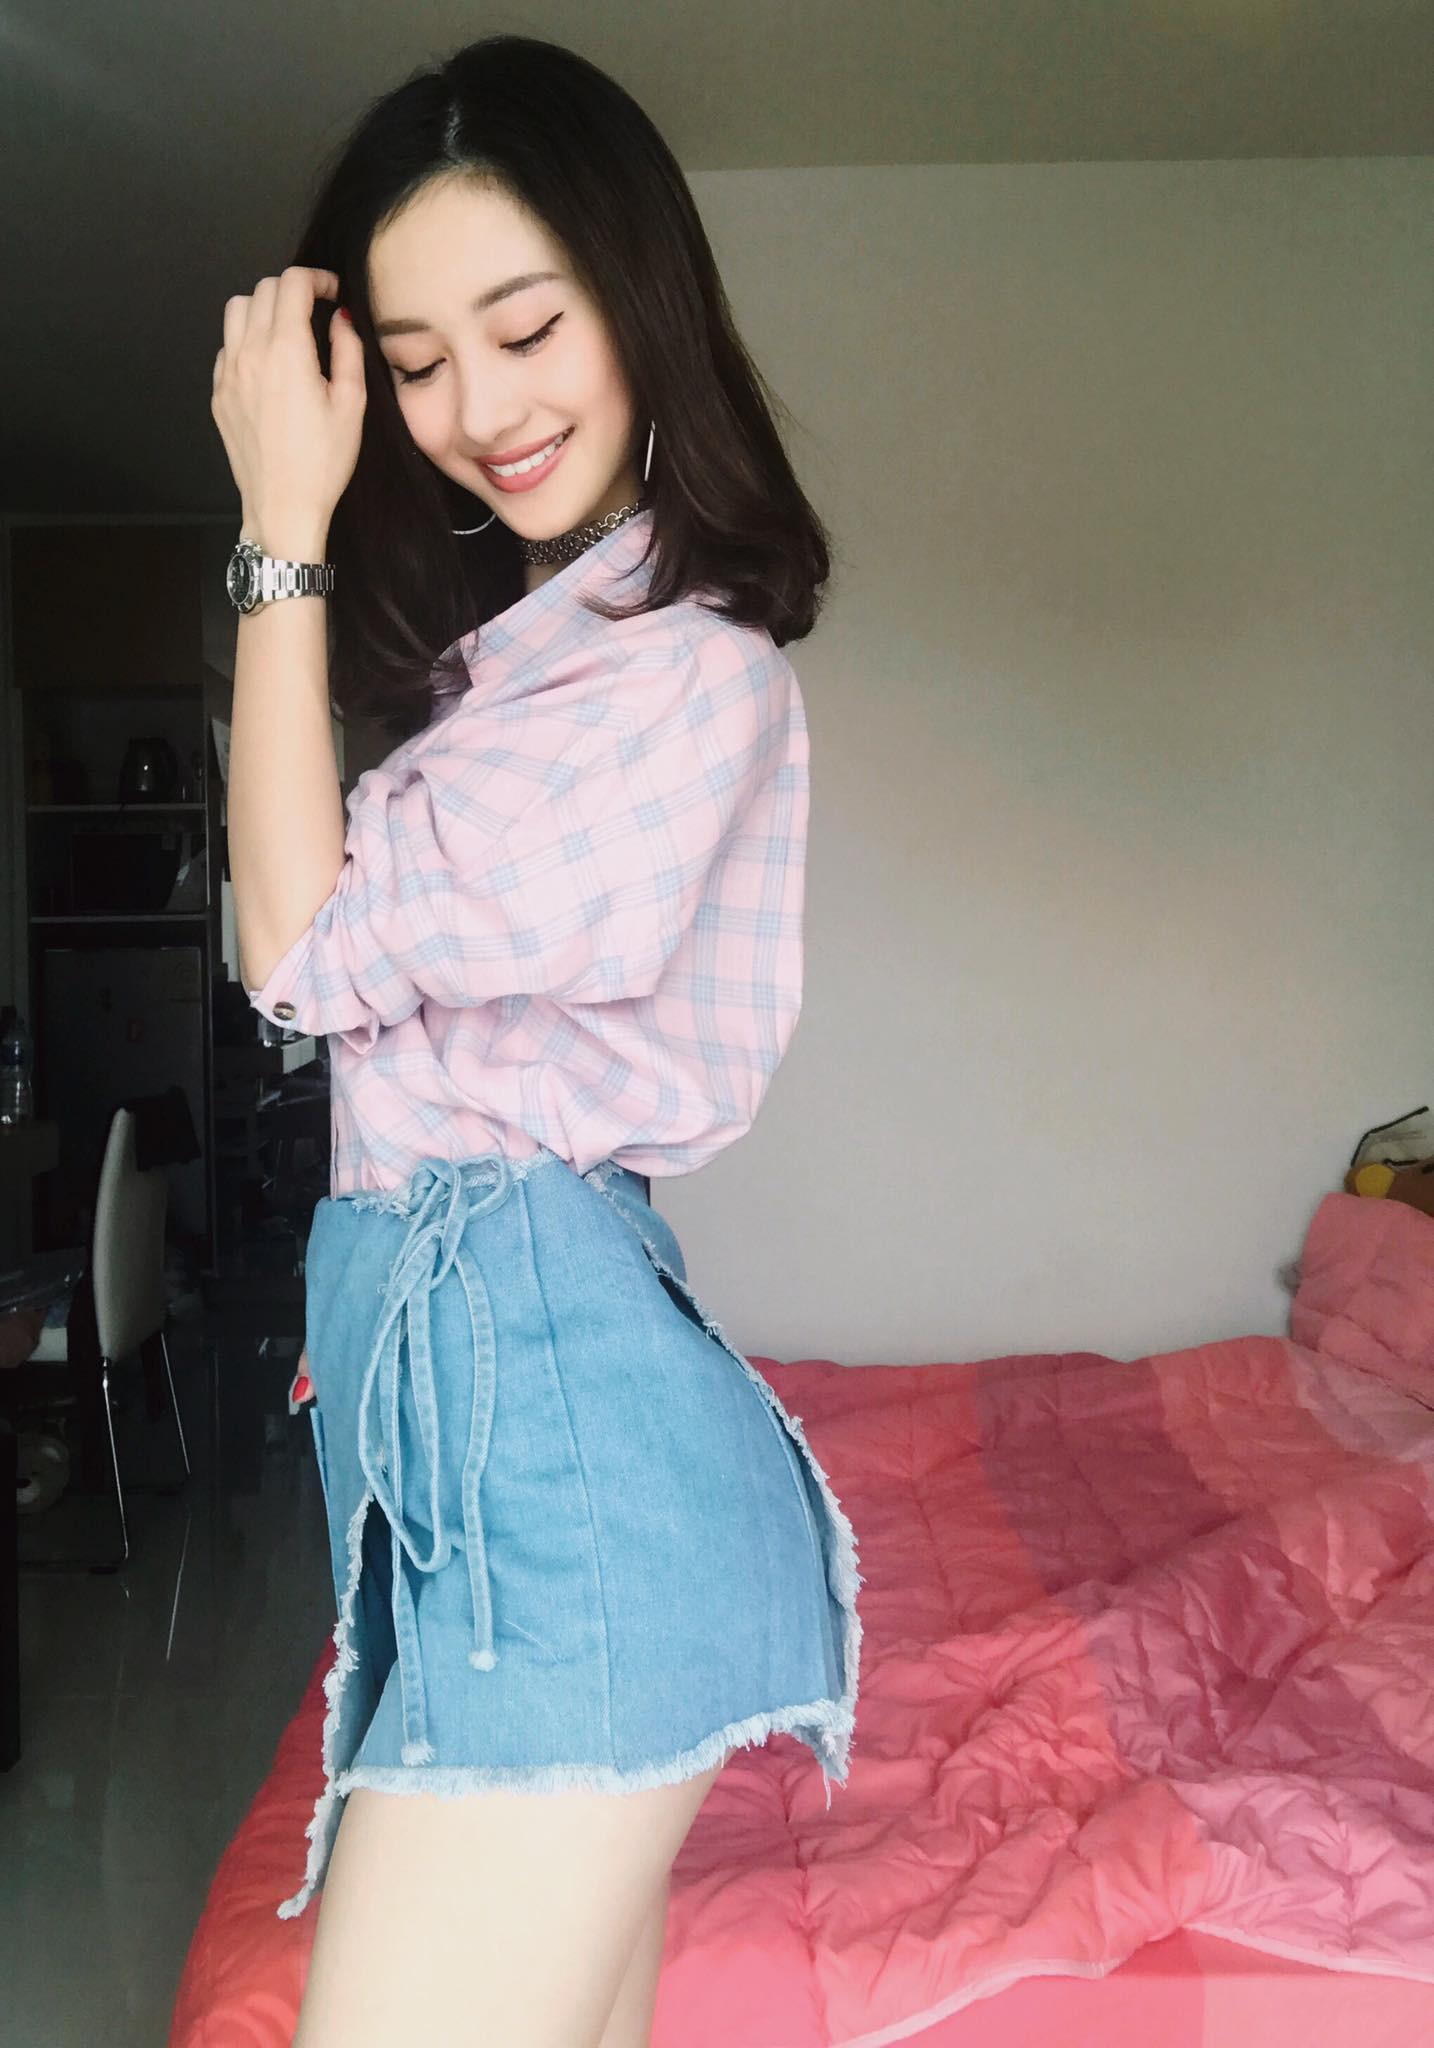 Nhan sắc hiện tại của 3 hot girl Việt từng được mệnh danh cô bé trà sữa - Ảnh 5.